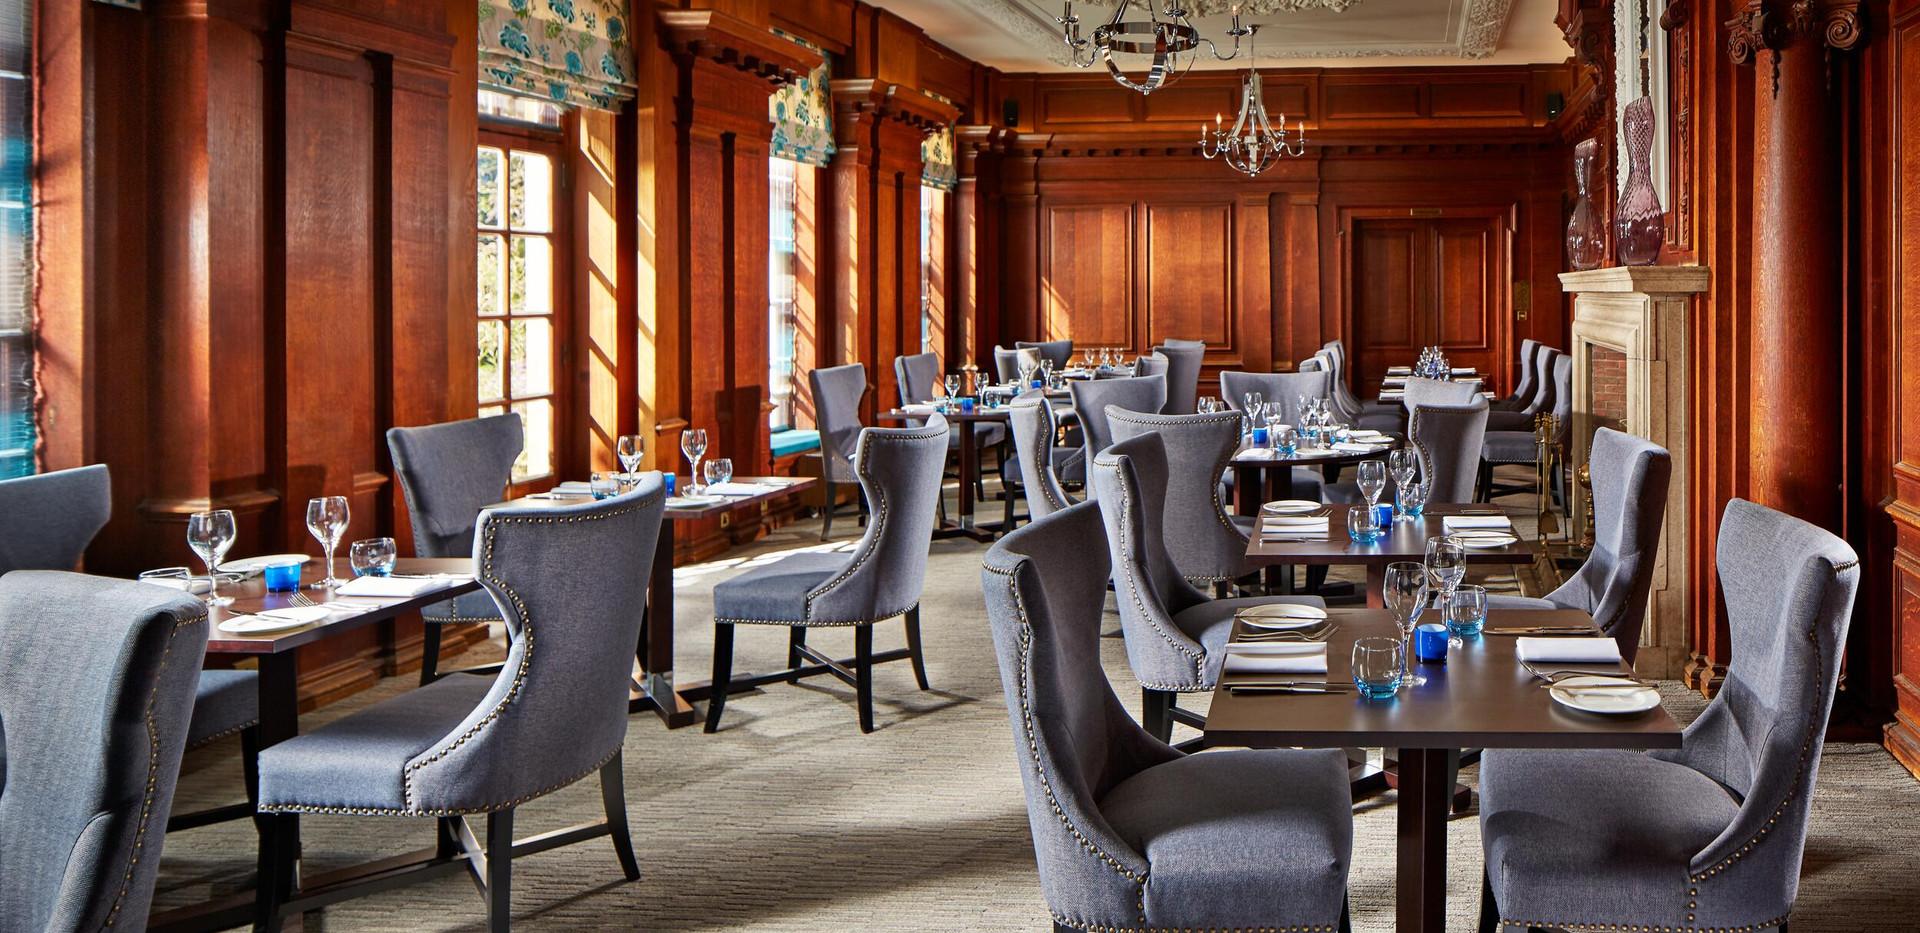 Barnett Hill (The Oak Room Restaurant)